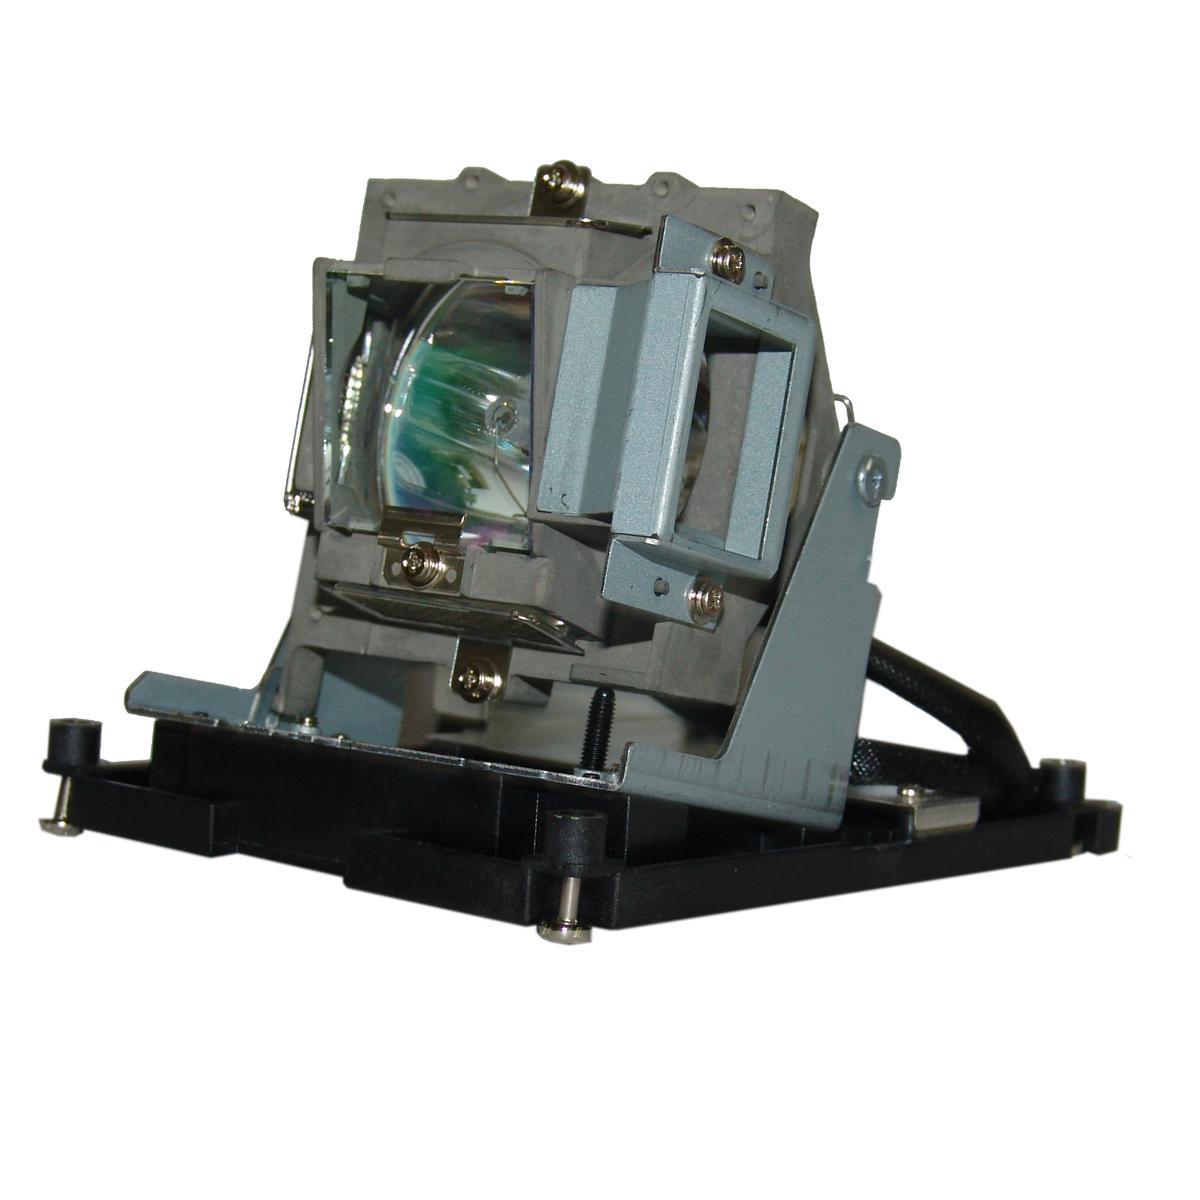 PLUS 602-418 FP Lamp